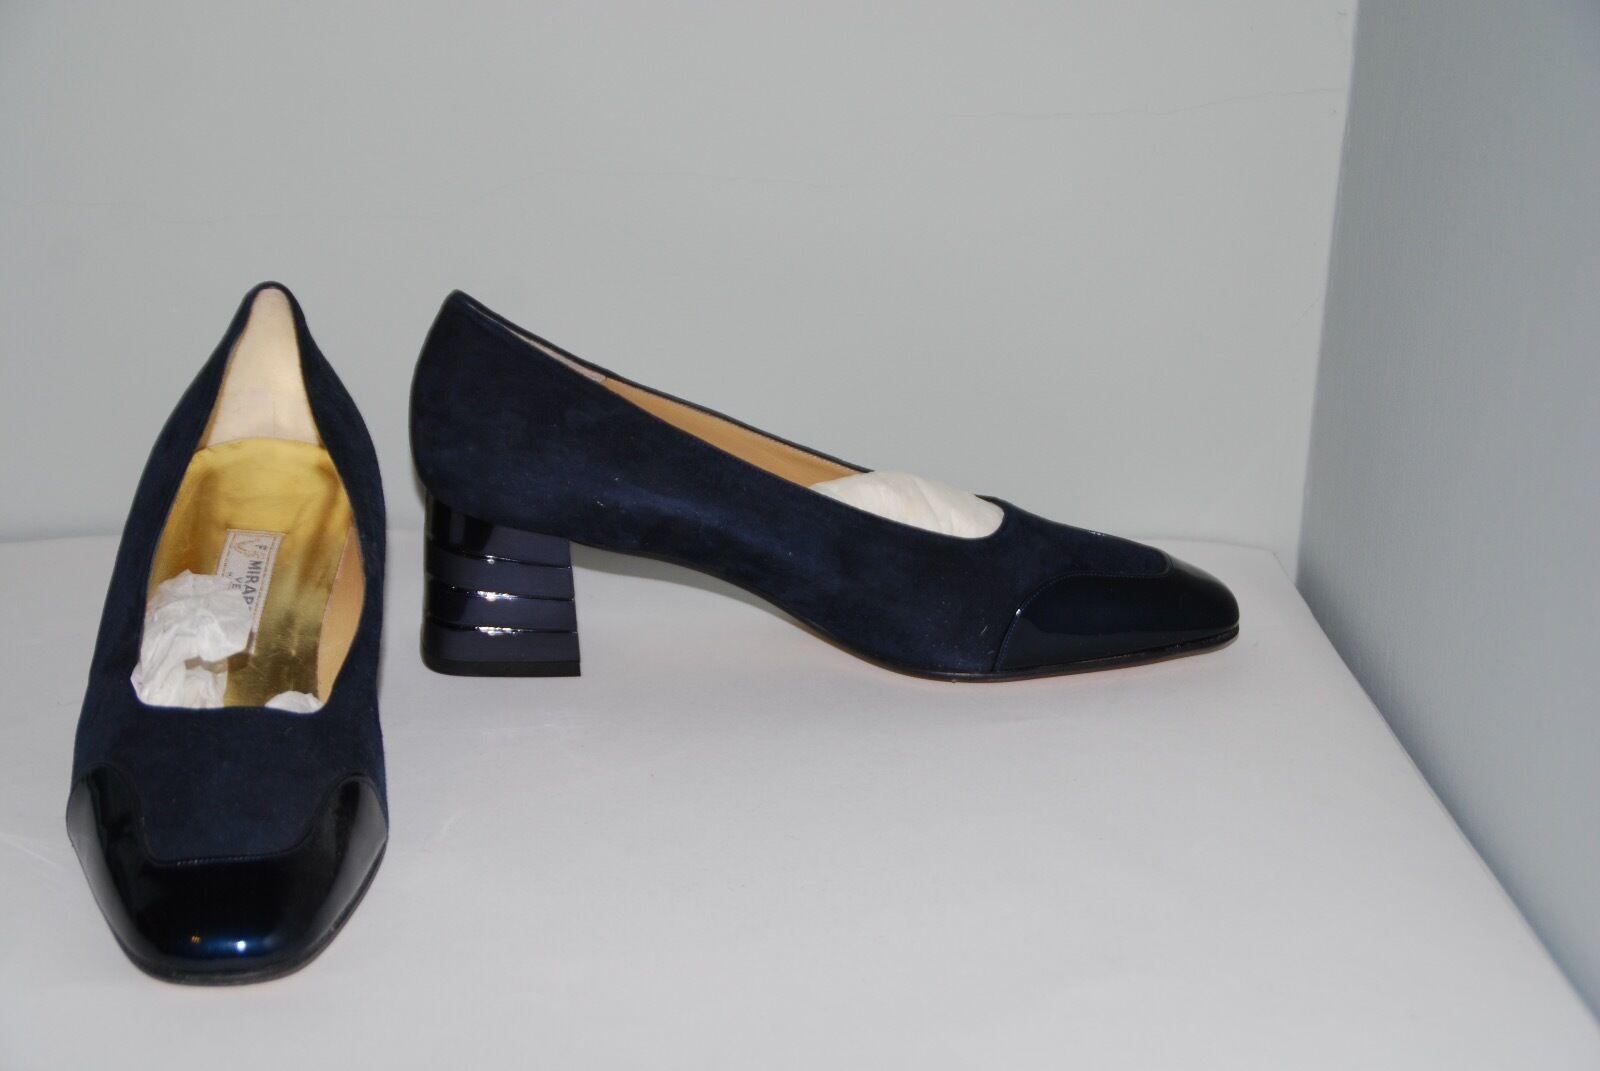 vendita online Da Donna Donna Donna Blu Camoscio & pelle verniciata Corte Scarpe da Mirabelle ITALIA 40.5  protezione post-vendita